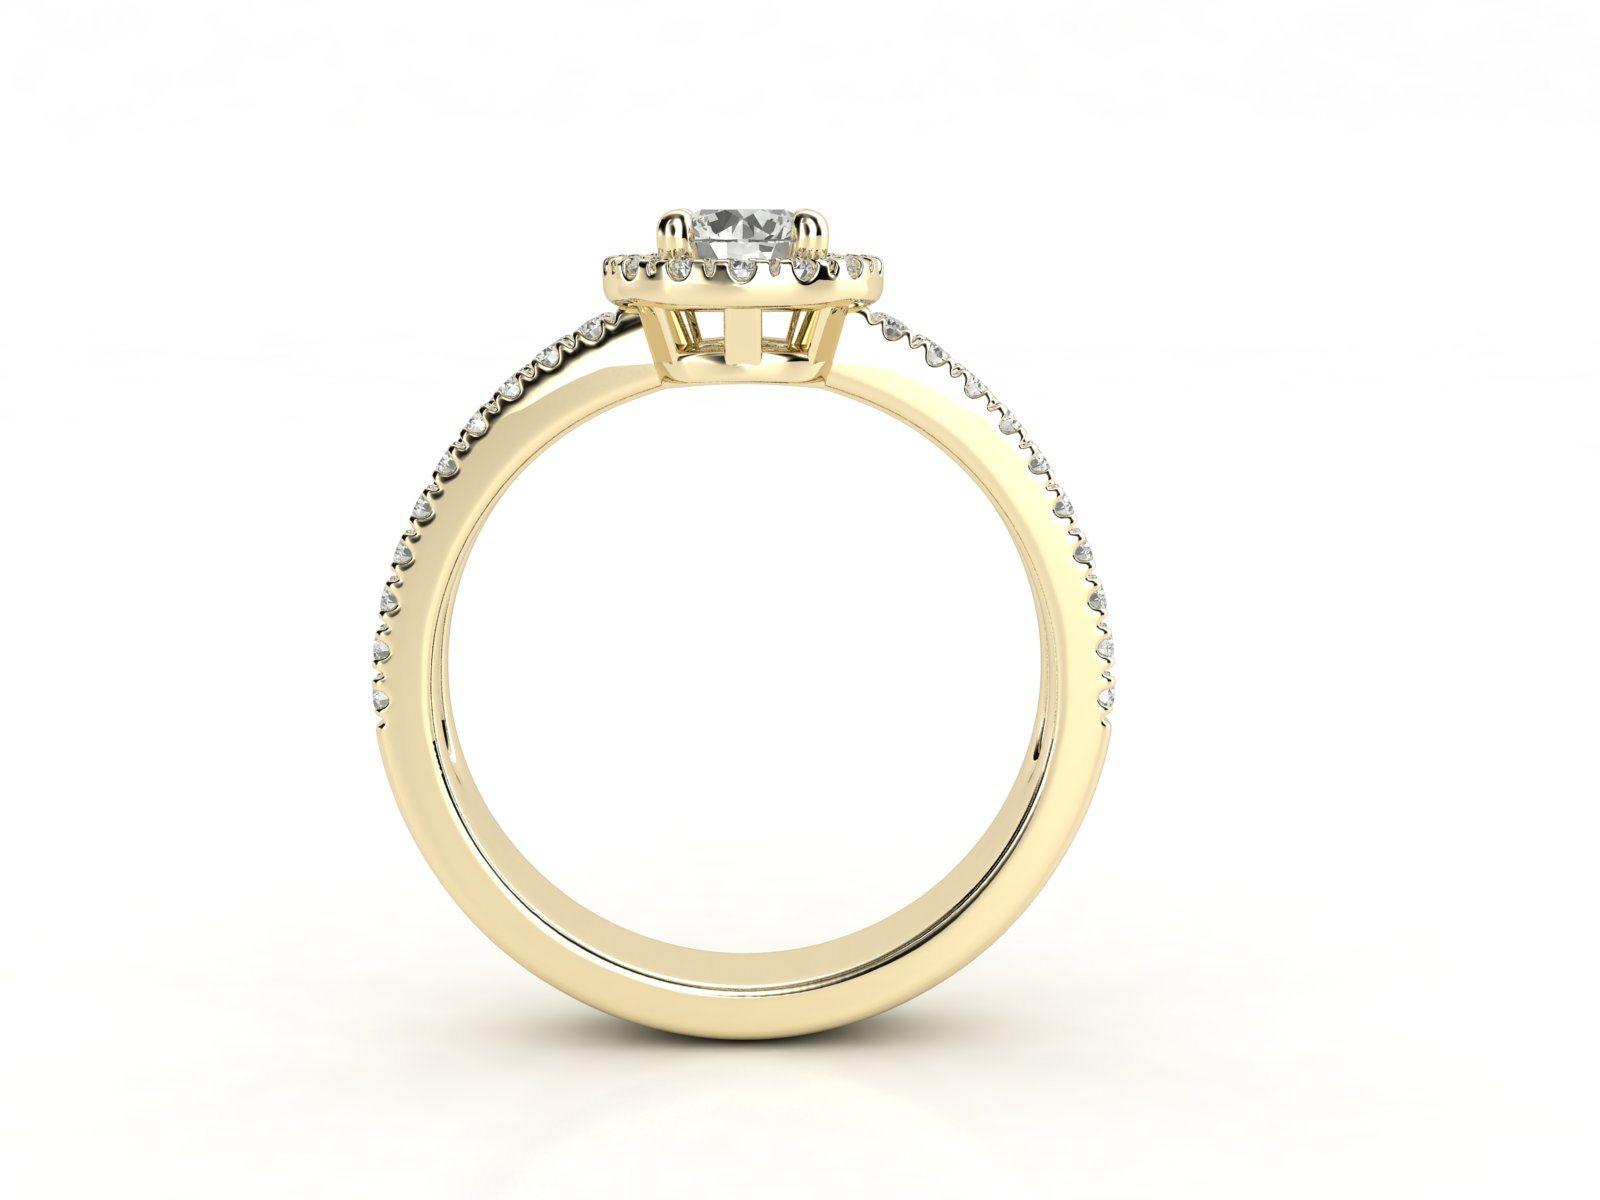 טבעת אירוסין זהב צהוב האלו דאבל פאווה רוייל 2